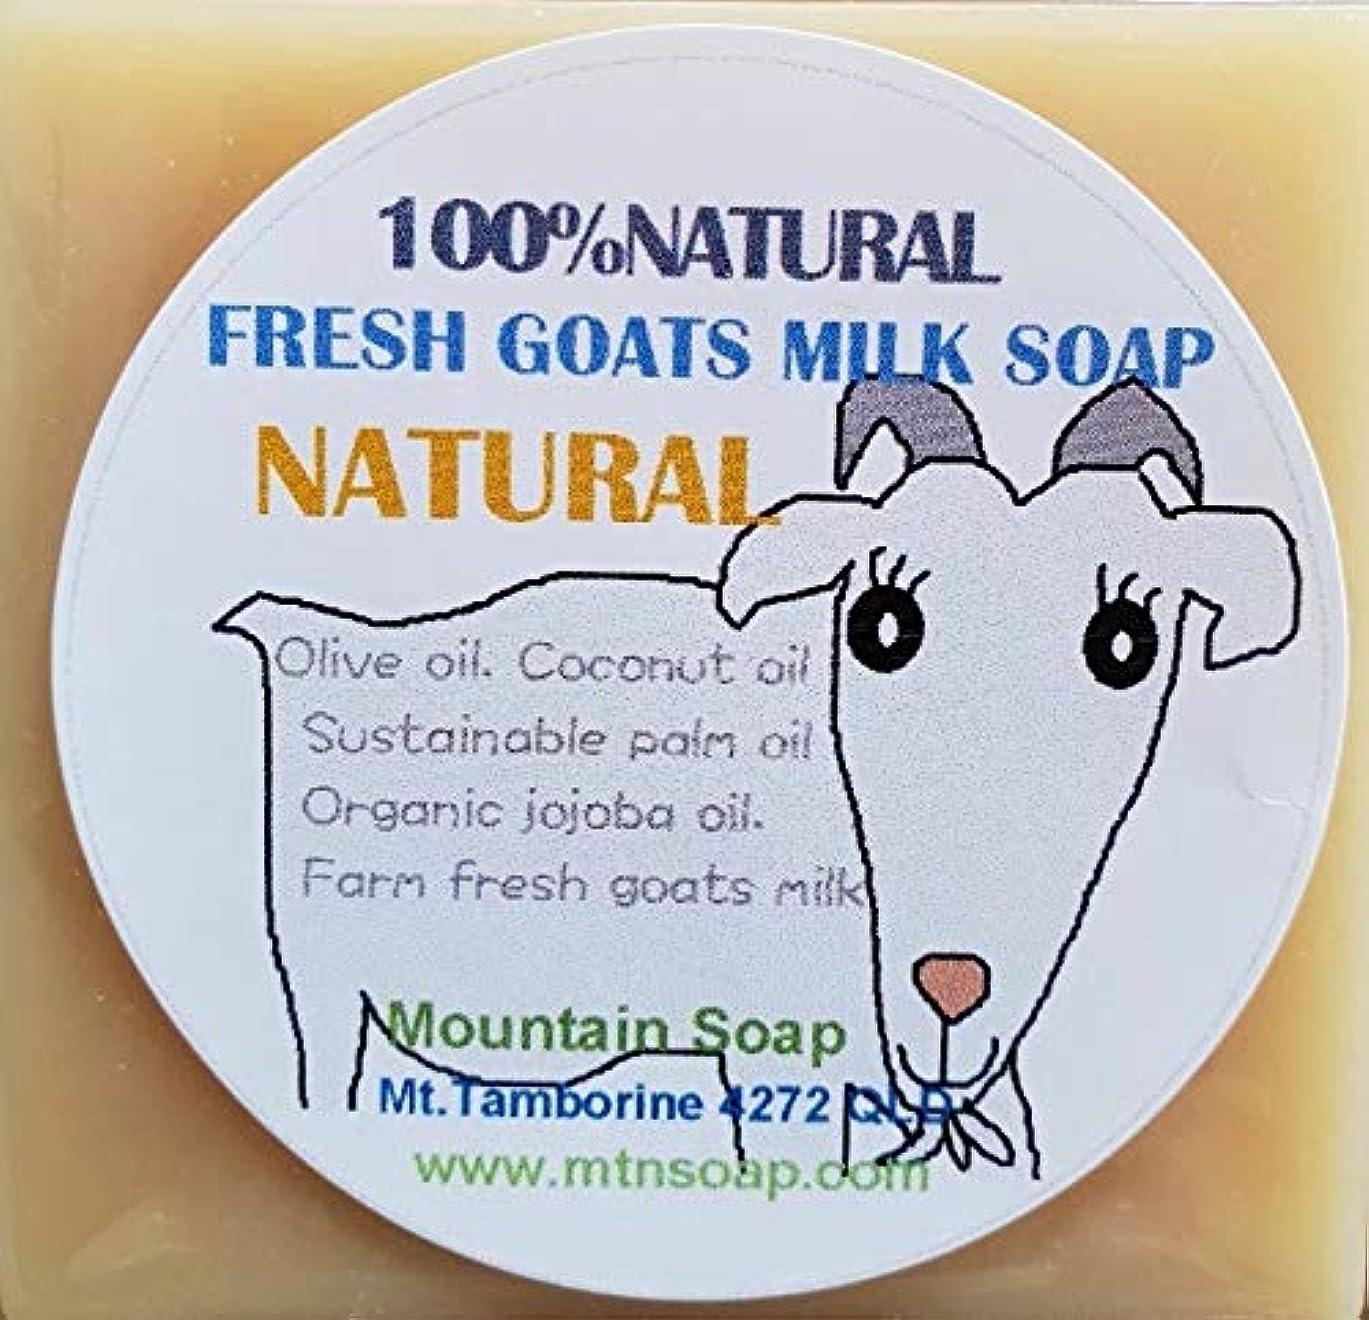 水銀のカード肌【Mountain Soap】マウンテンソープ 農場直送絞りたて生乳使用 ゴートミルク石鹸 ナチュラル